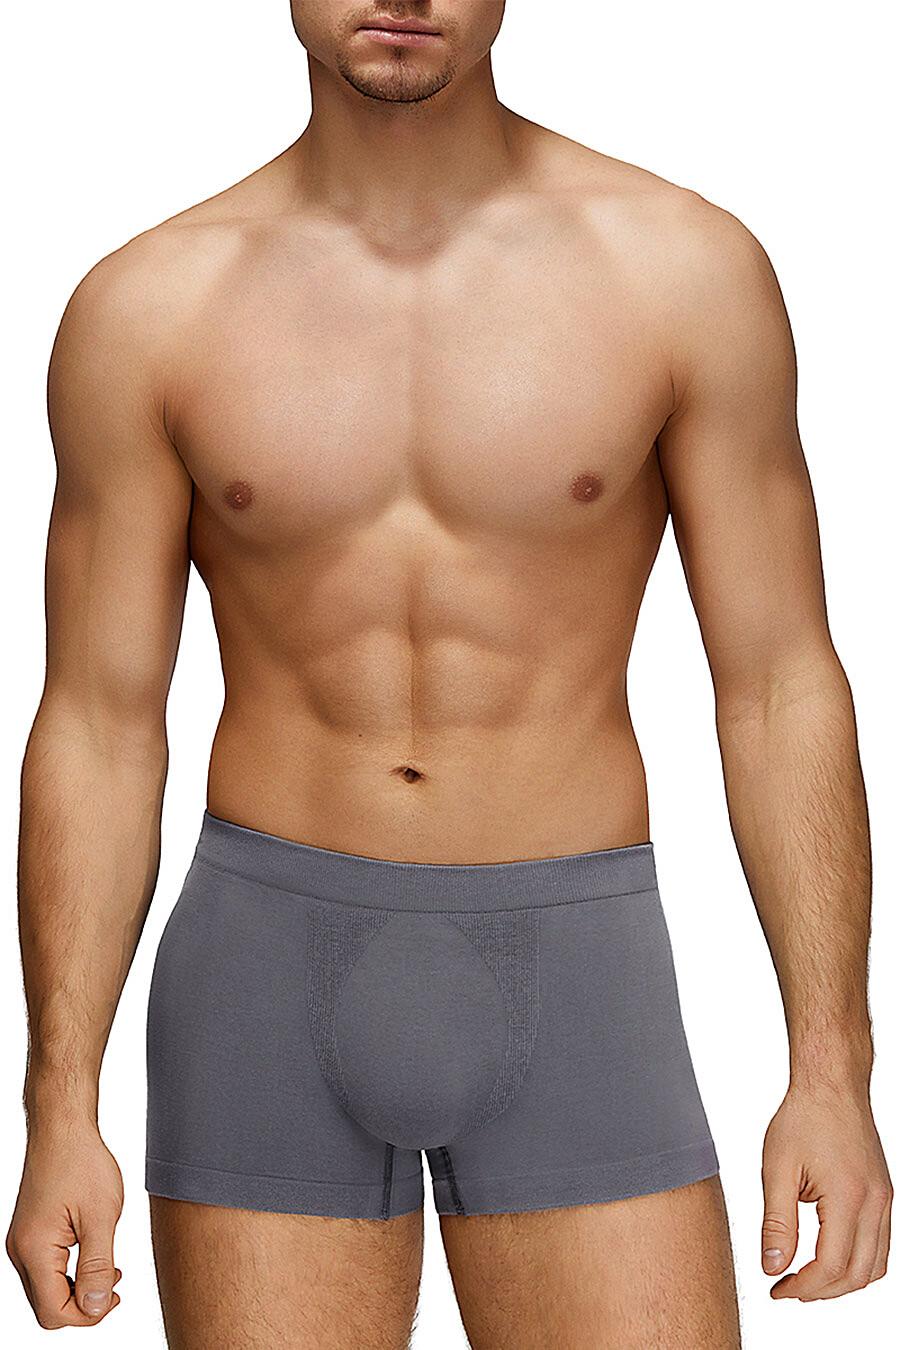 Трусы для мужчин TEKSA 218709 купить оптом от производителя. Совместная покупка мужской одежды в OptMoyo